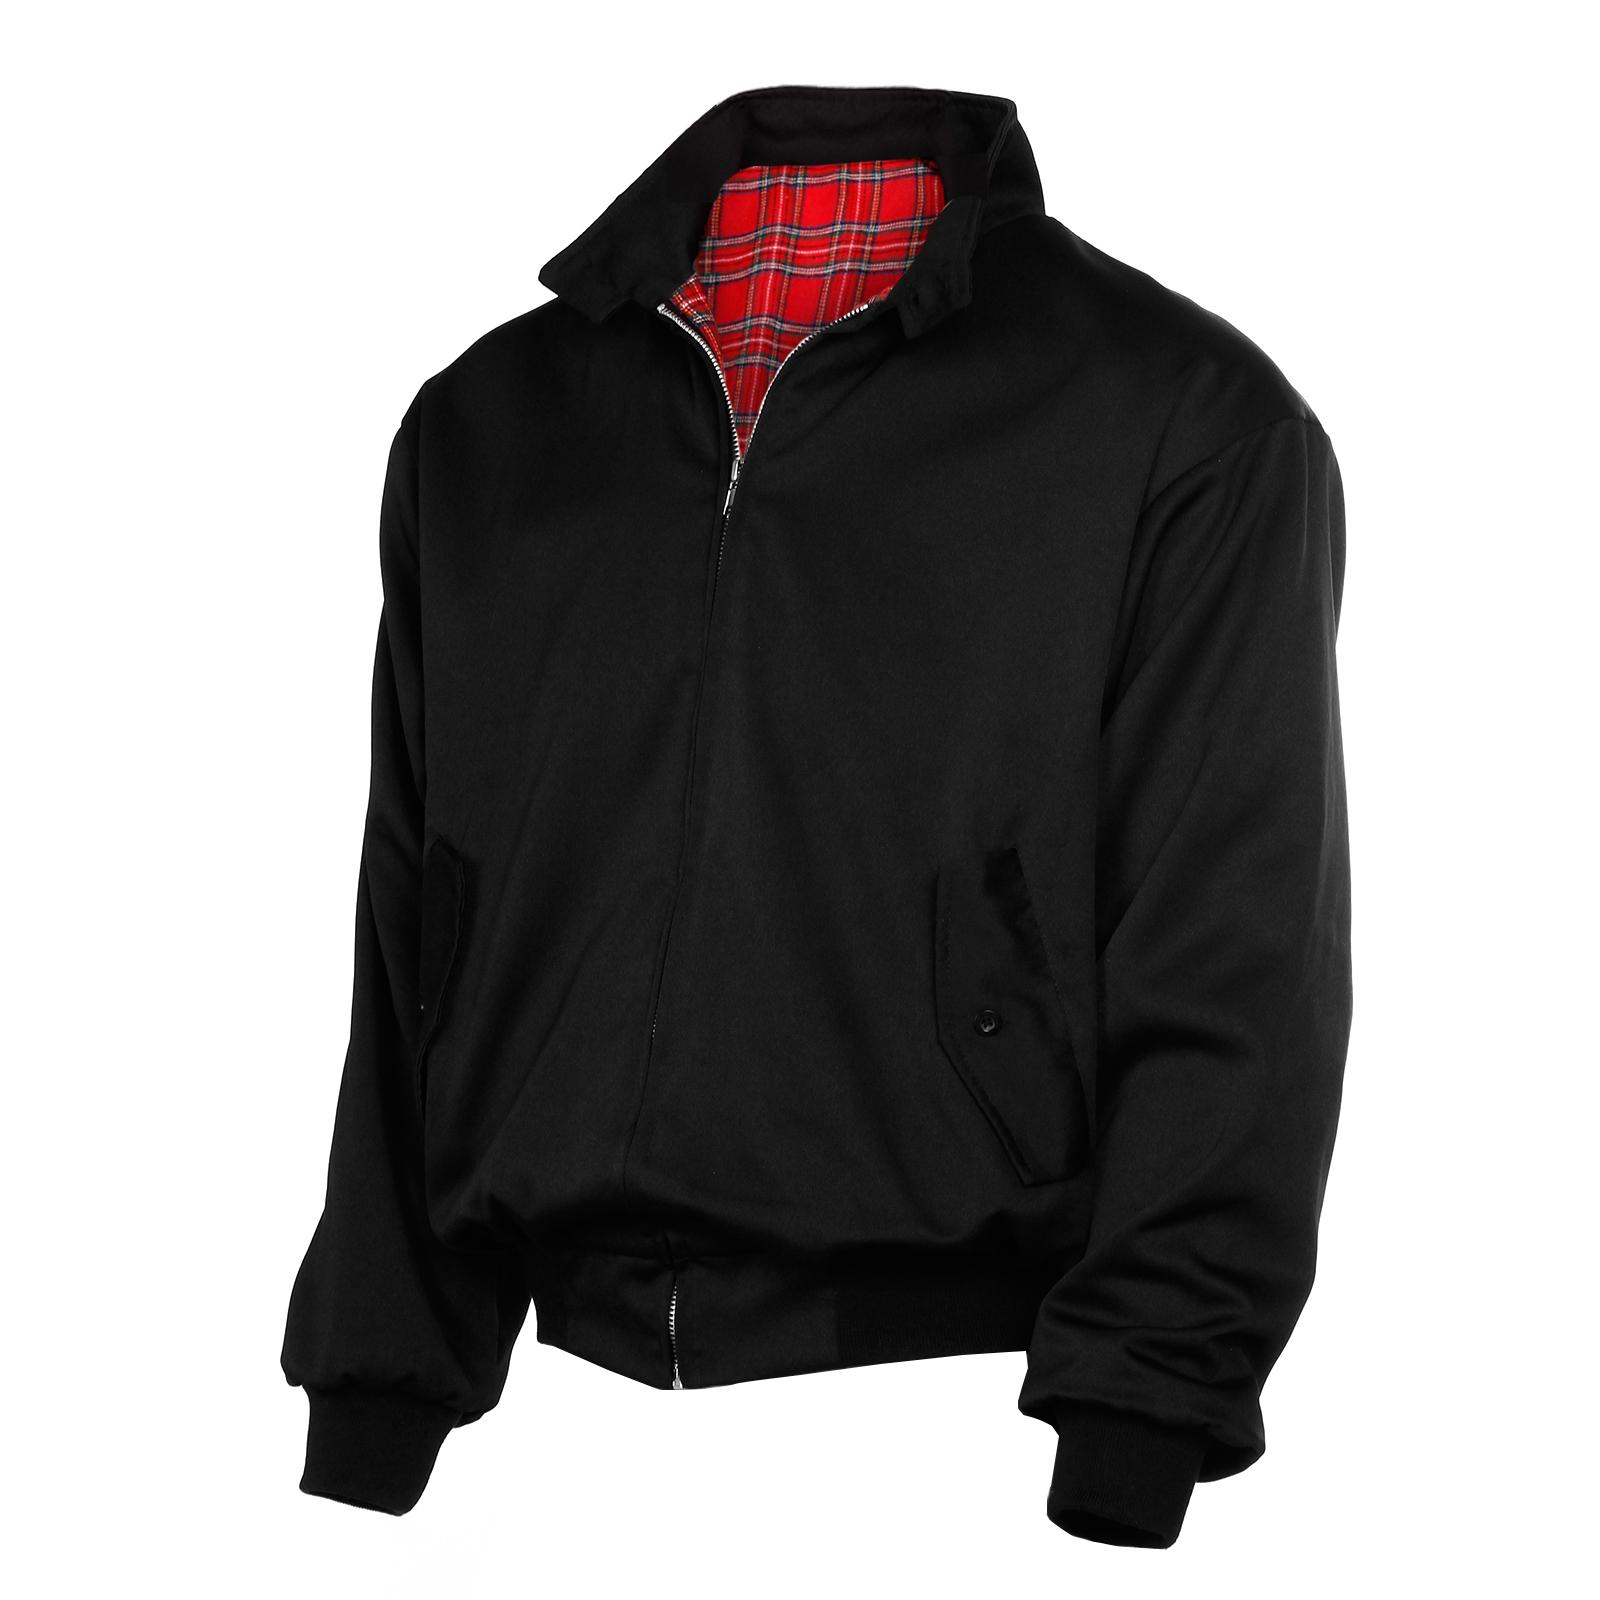 manteau jacket harrington bomber veste homme pardessus. Black Bedroom Furniture Sets. Home Design Ideas